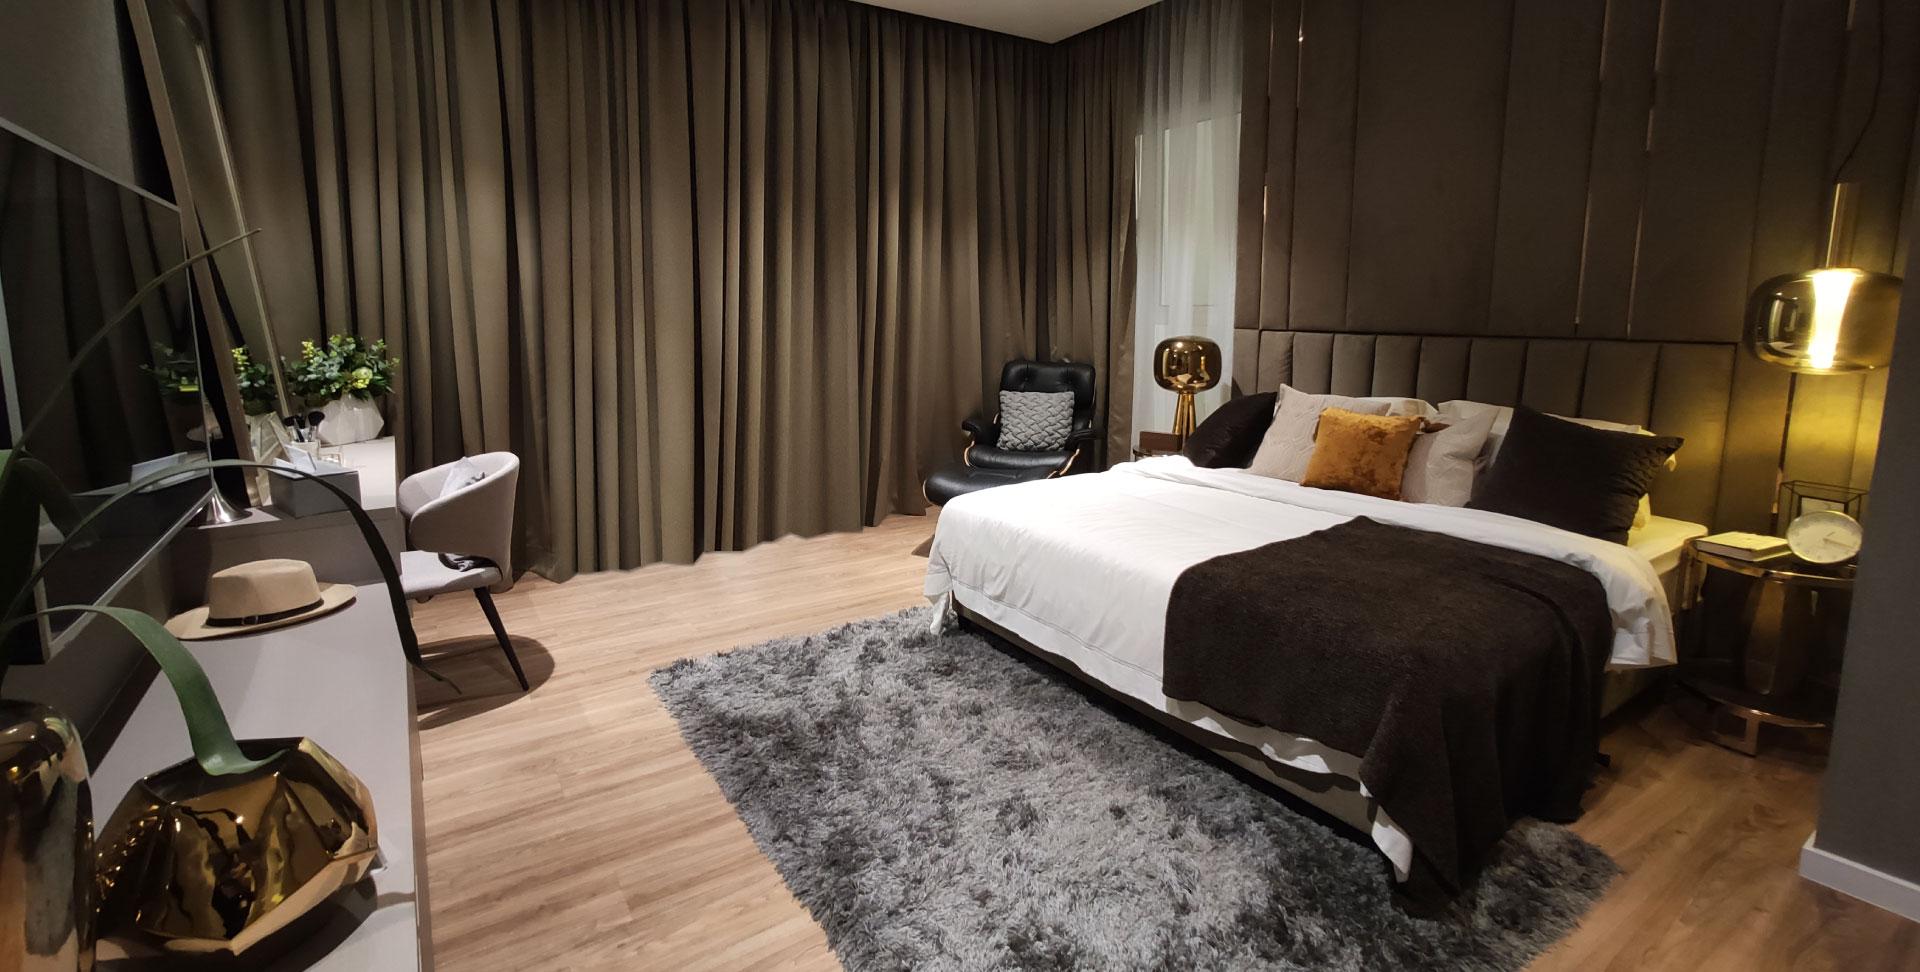 interior furnishing